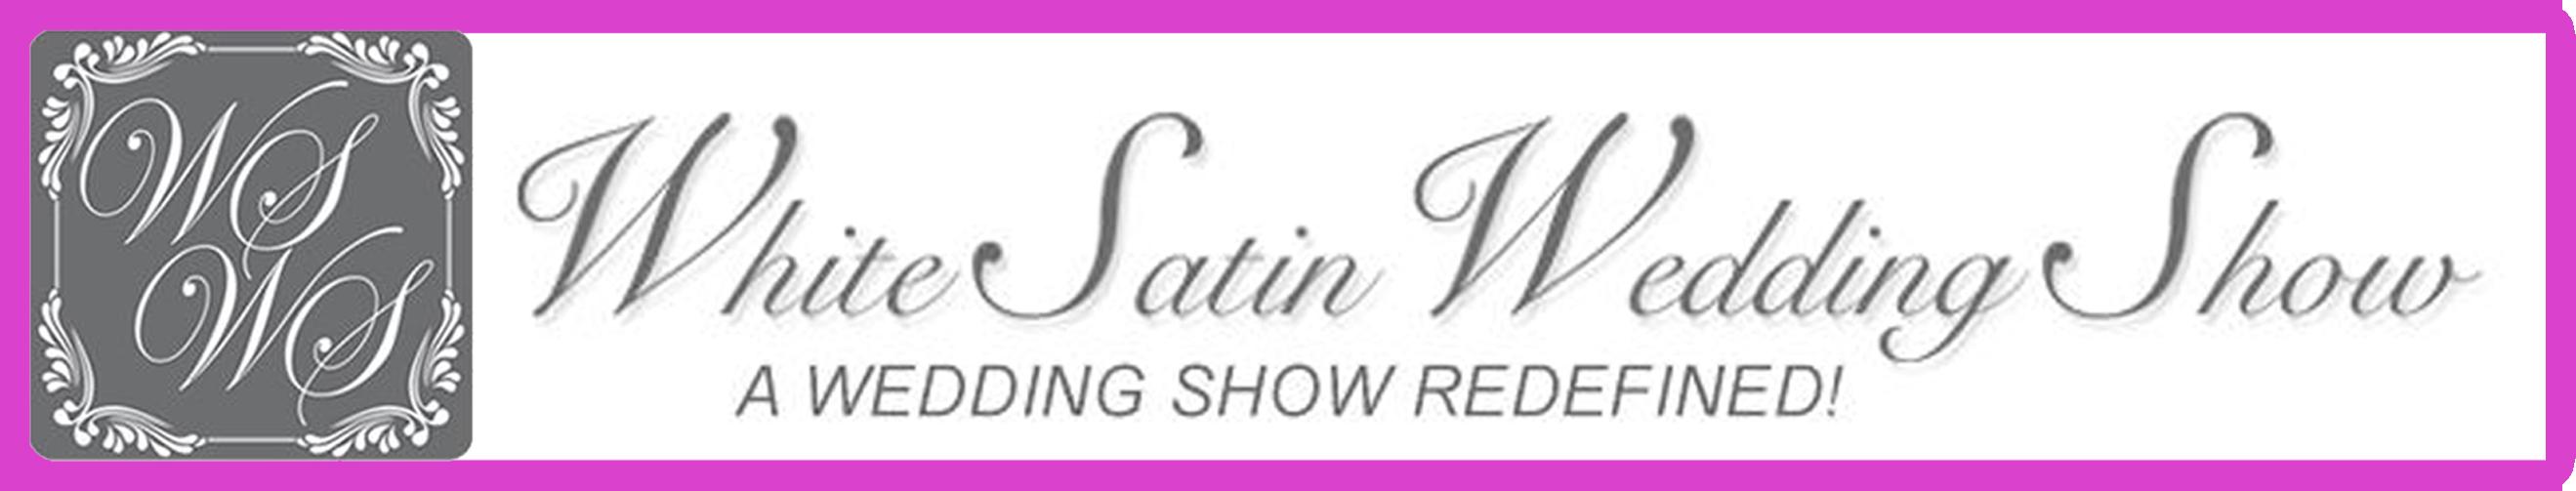 tl-wedding-show